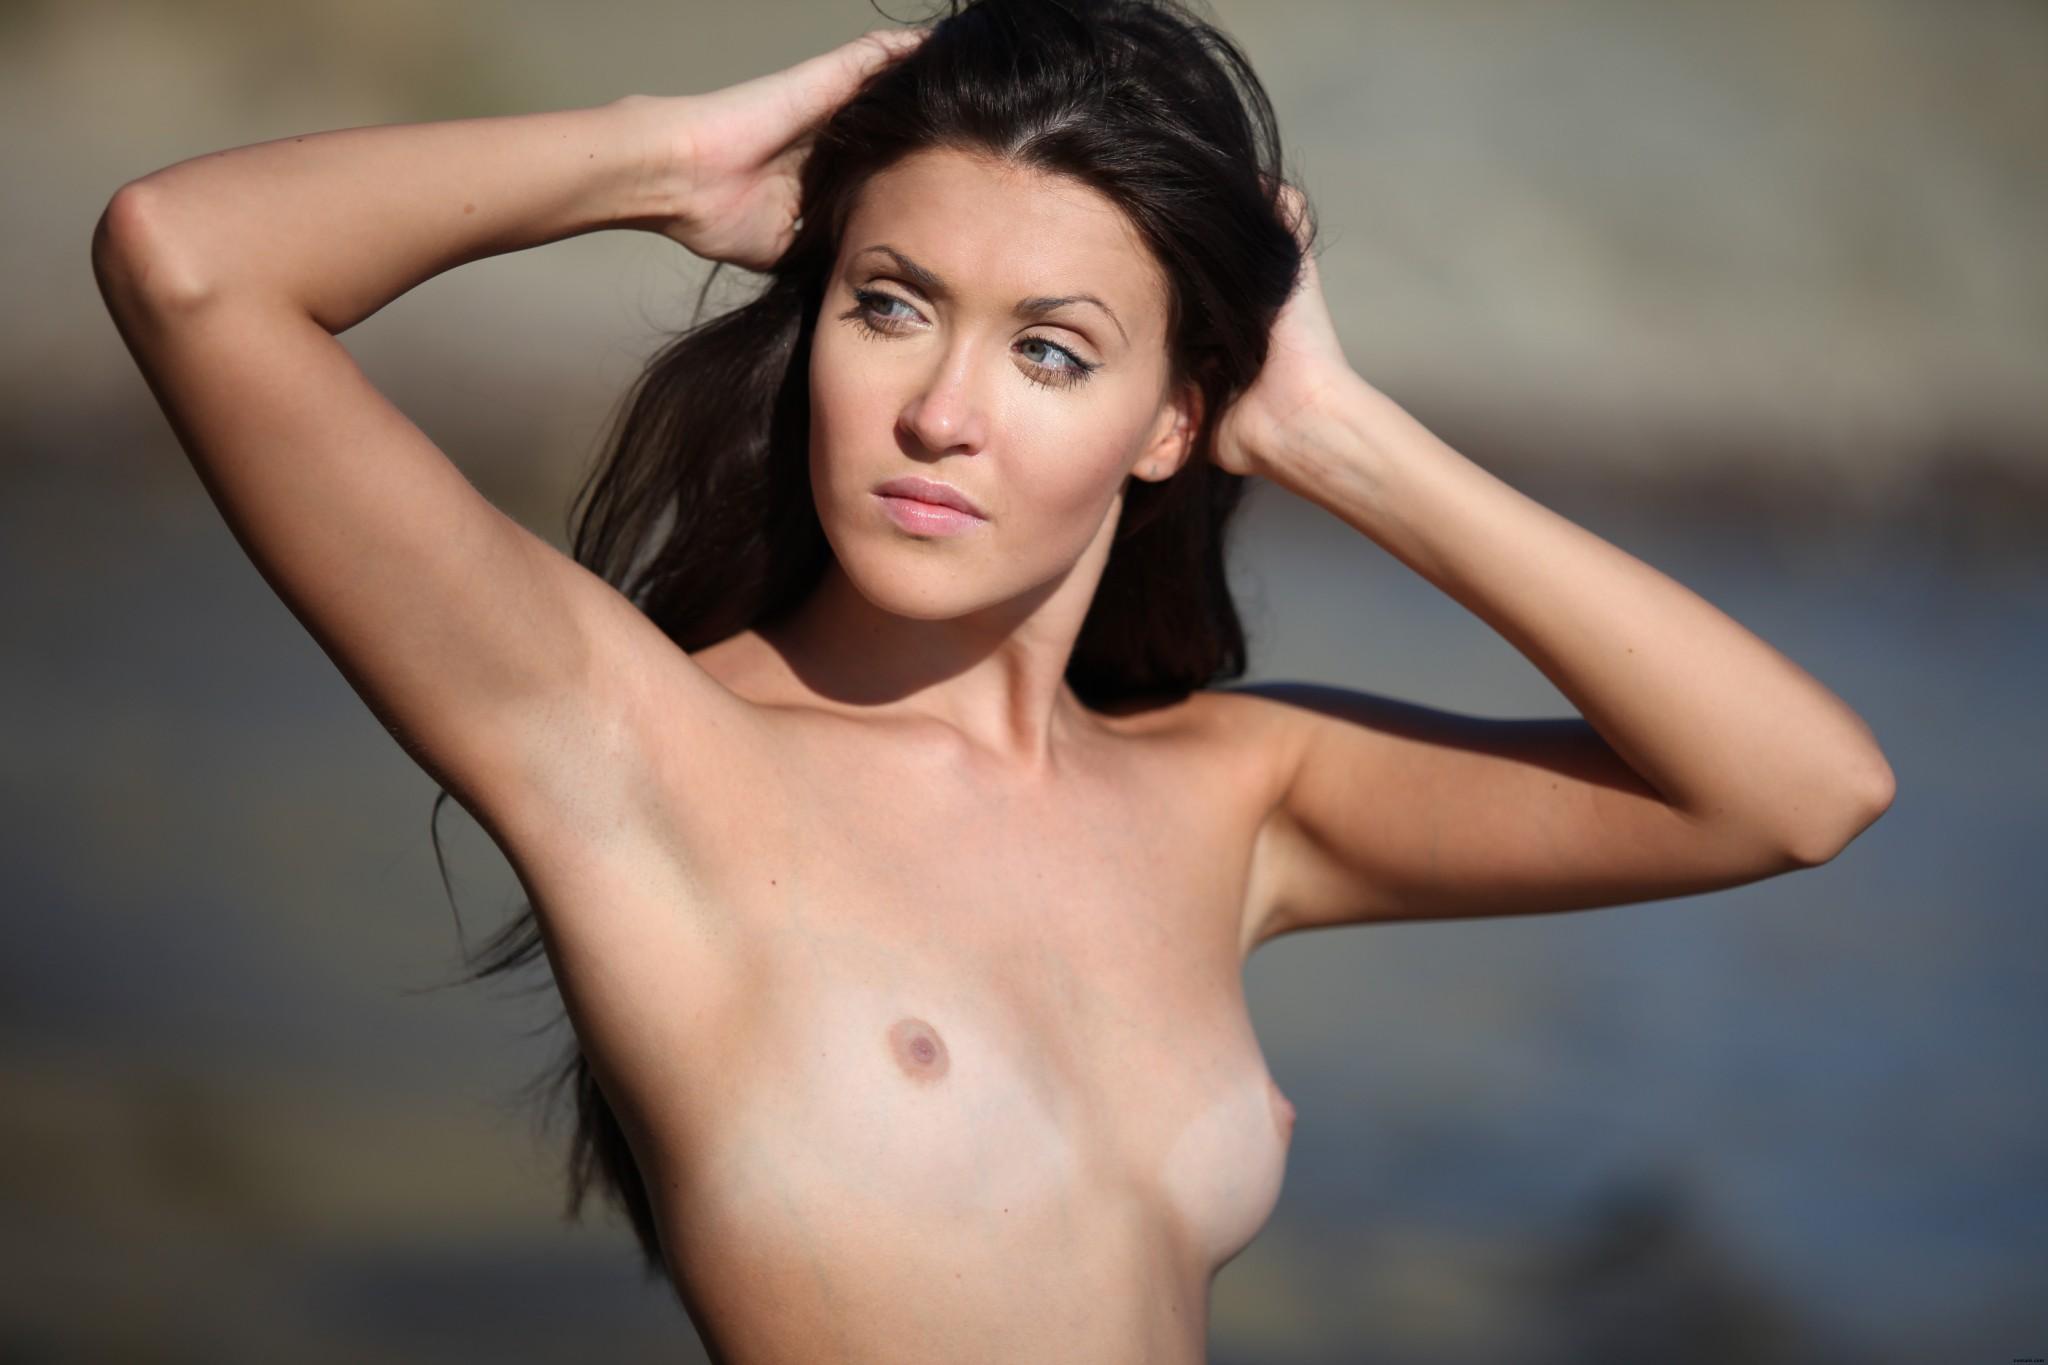 С очень очень маленькой грудью, Порно маленькие сиськи. Маленькая грудь видео онлайн 9 фотография